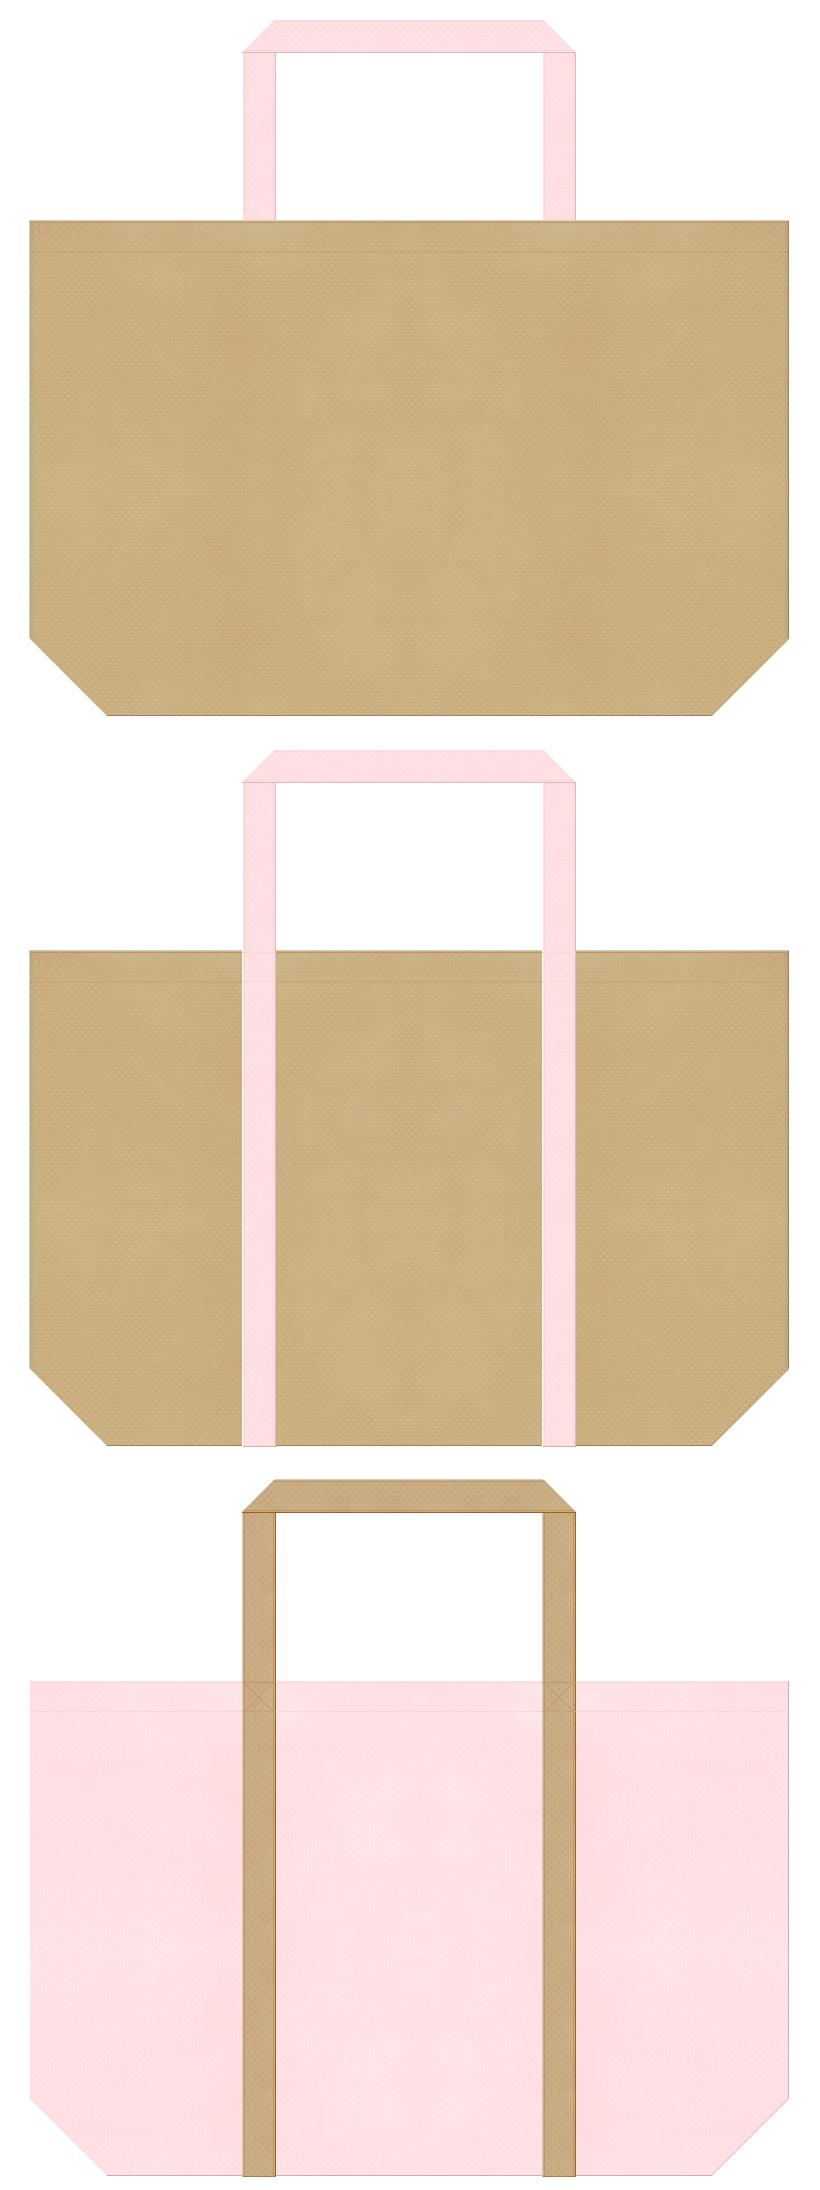 ペットショップ・ペットサロン・アニマルケア・小鹿・子犬・くま・ぬいぐるみ・手芸・絵本・おとぎ話・ガーリーデザインのショッピングバッグにお奨めの不織布バッグデザイン:カーキ色と桜色のコーデ